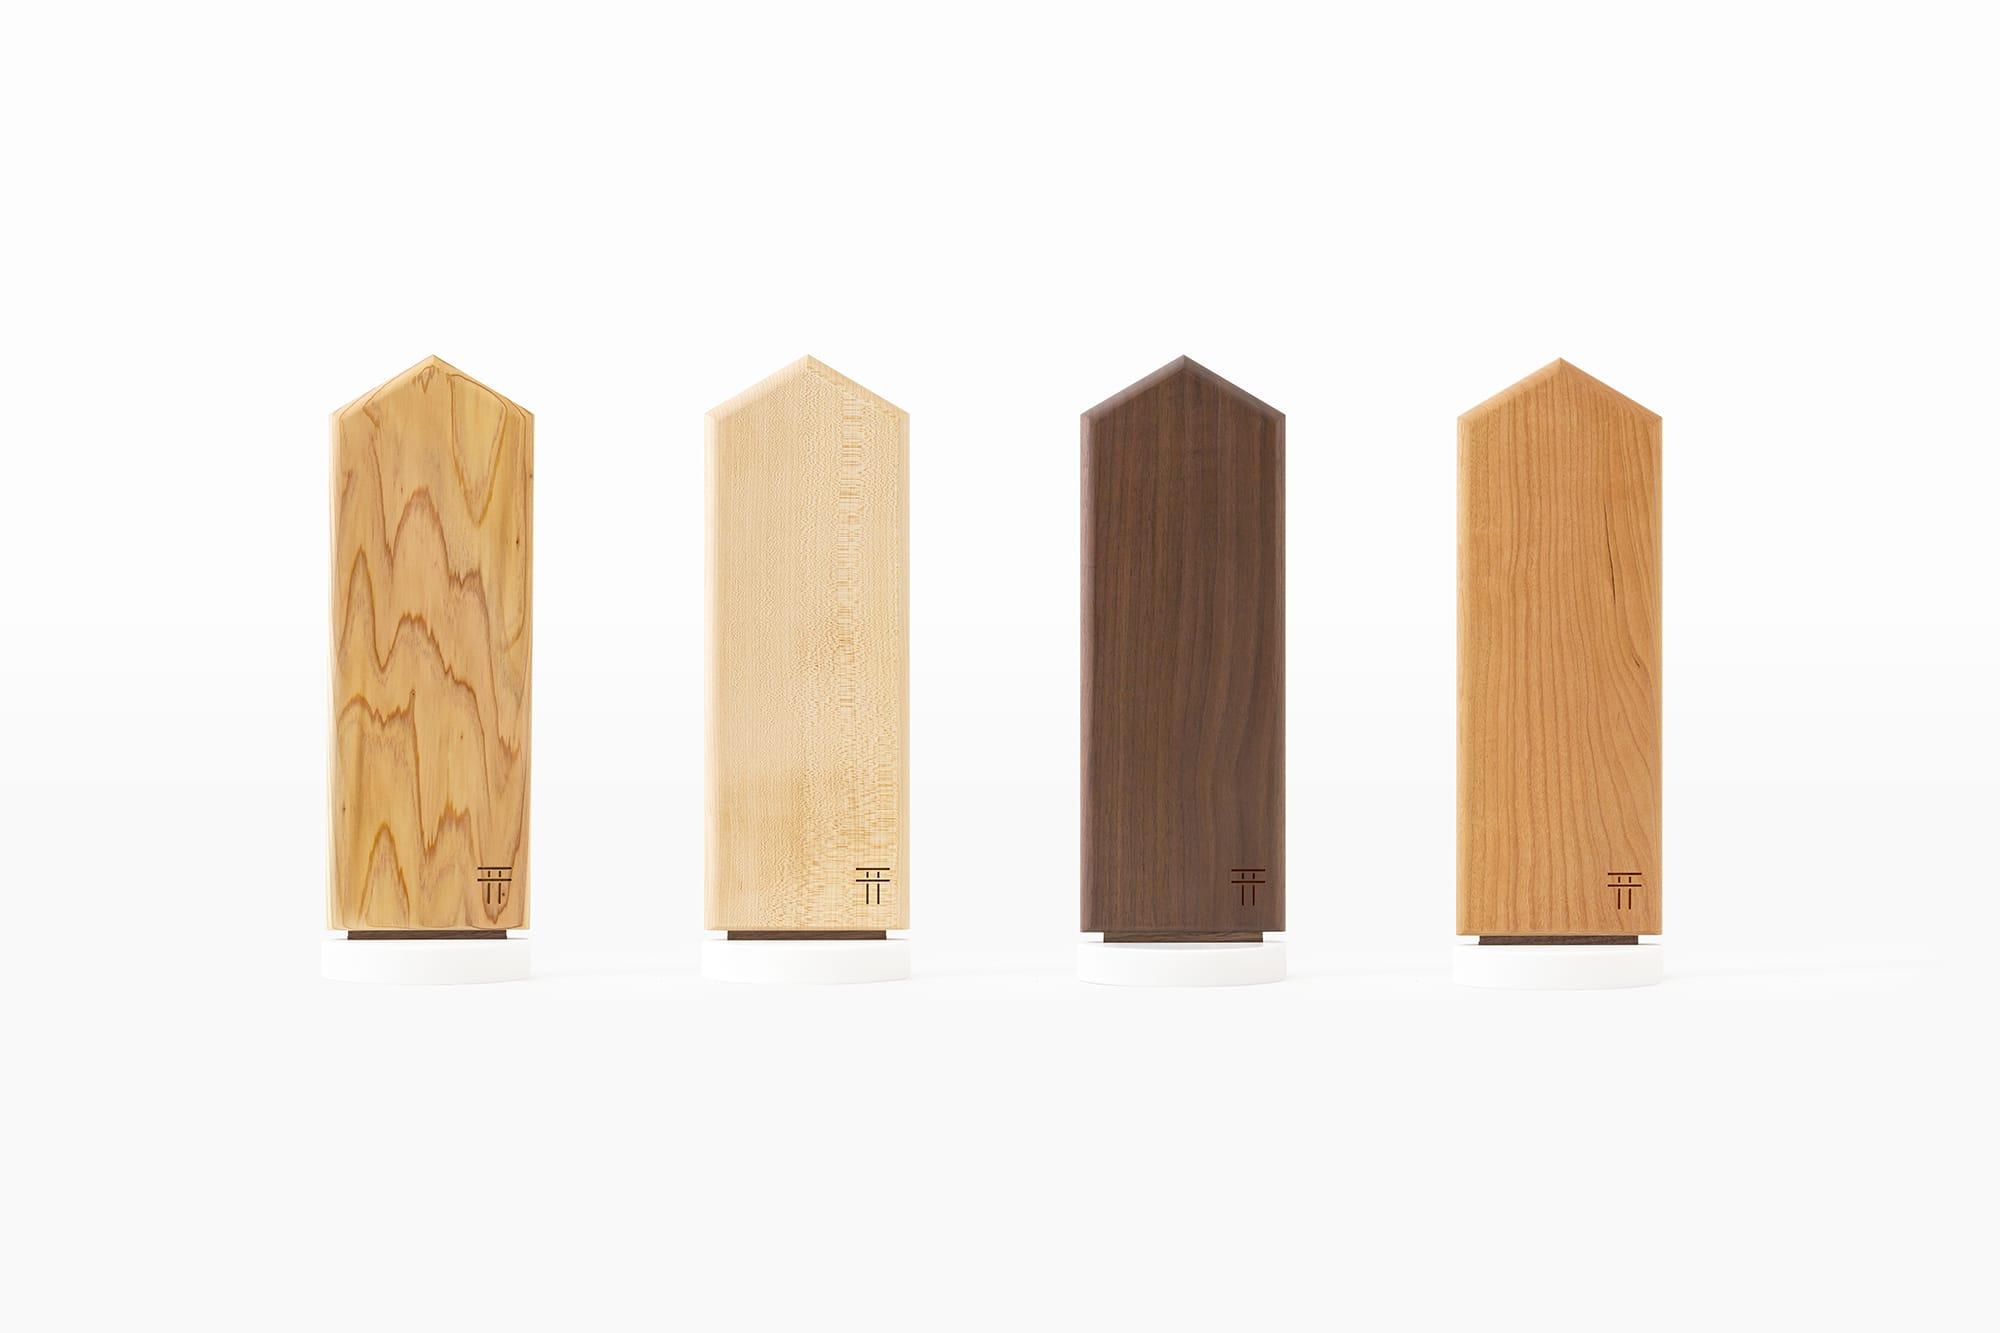 4種類の天然木から選べる「置ける神棚」。左から神宮杉、メープル、ウォールナット、チェリー。